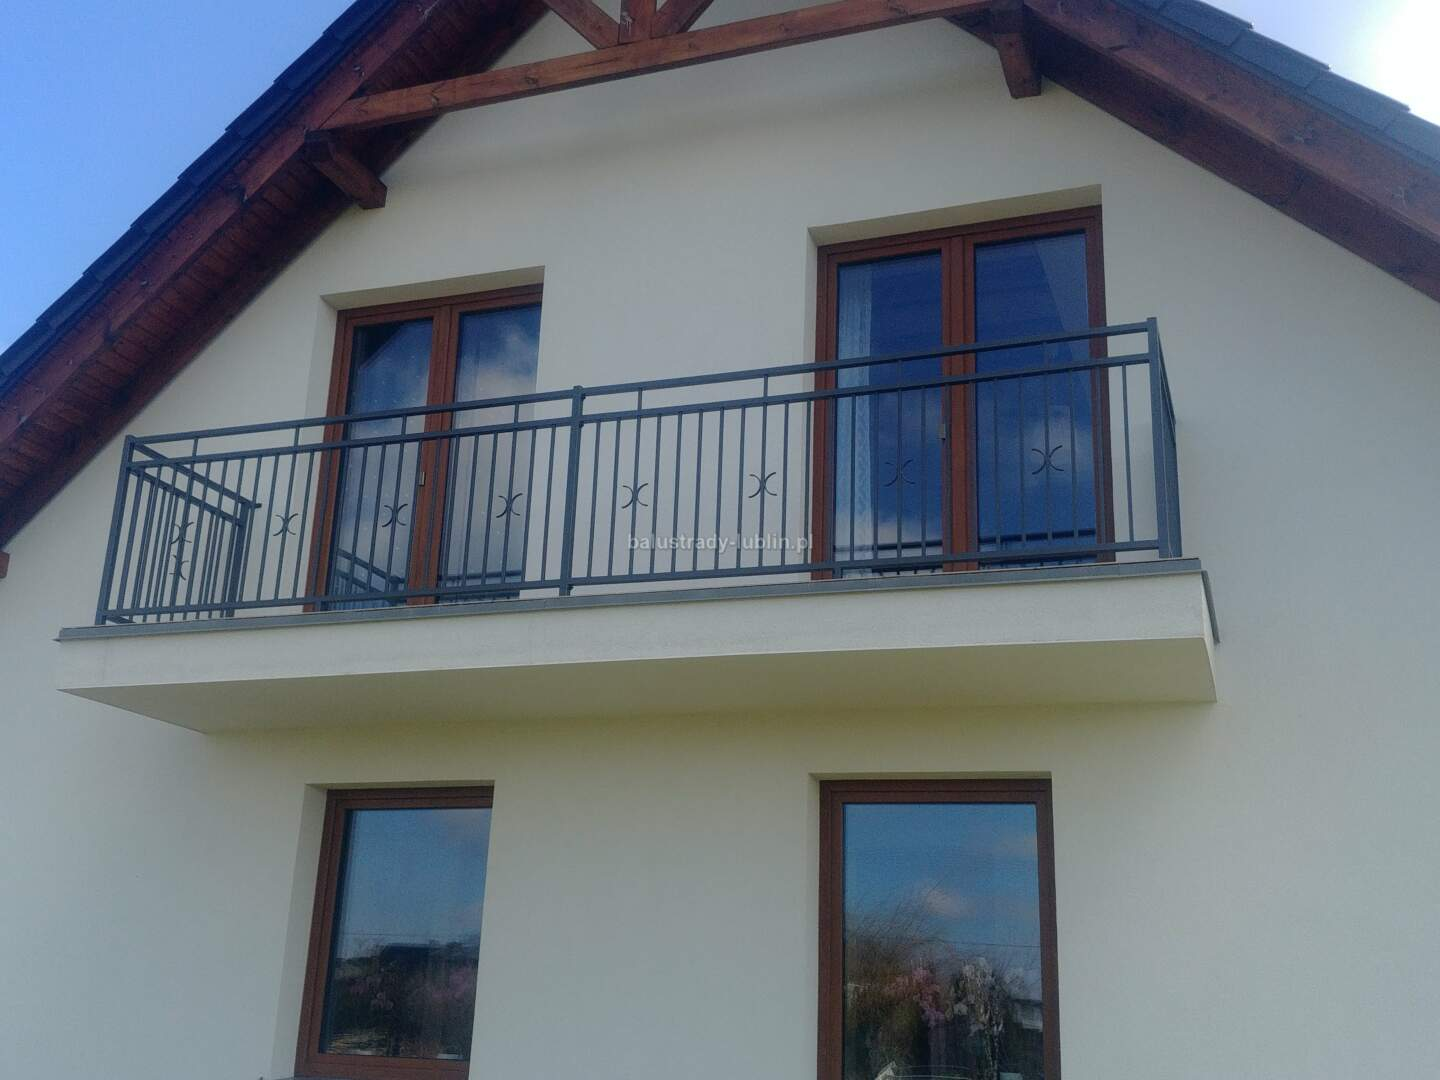 Tylko na zewnątrz balustrady-lublin.pl. Najtańsze w Polsce balustrady balkonowe MV78